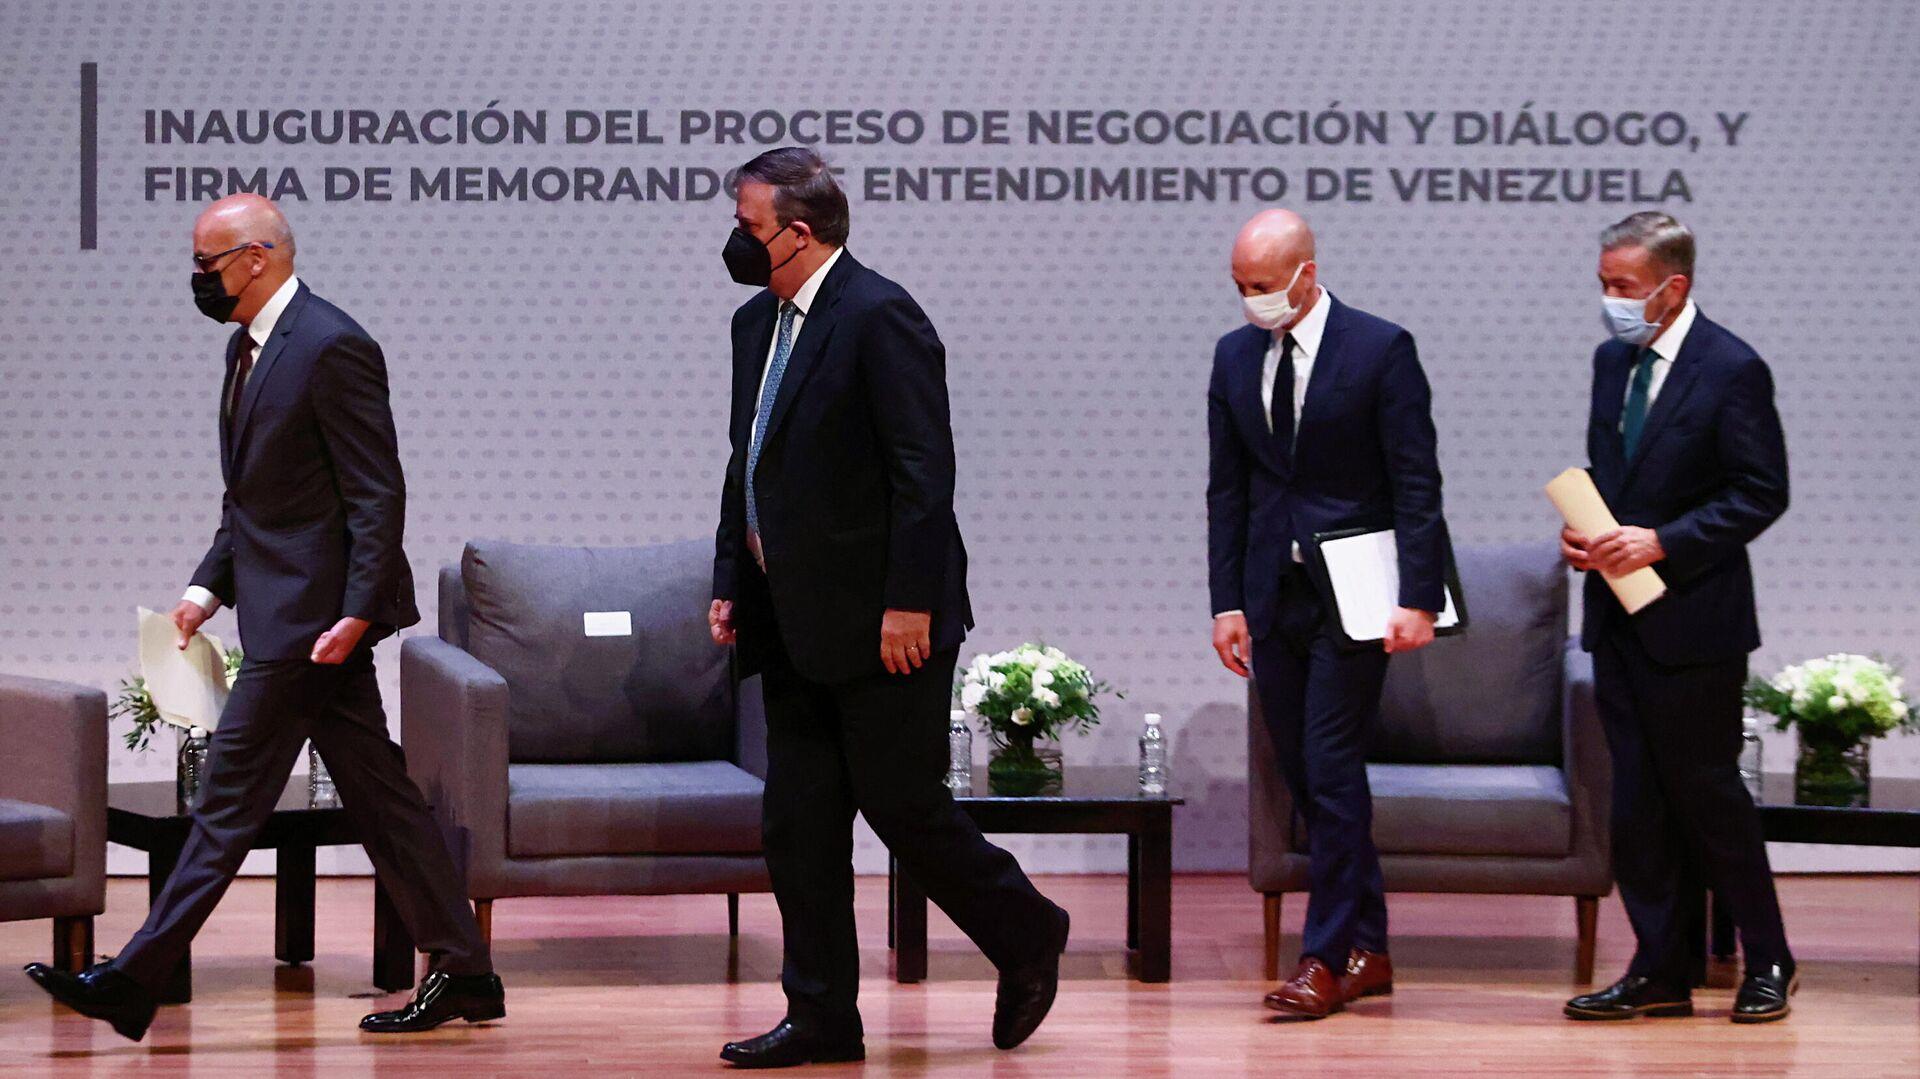 Las conversaciones entre el Gobierno y la oposición de Venezuela en México - Sputnik Mundo, 1920, 17.09.2021